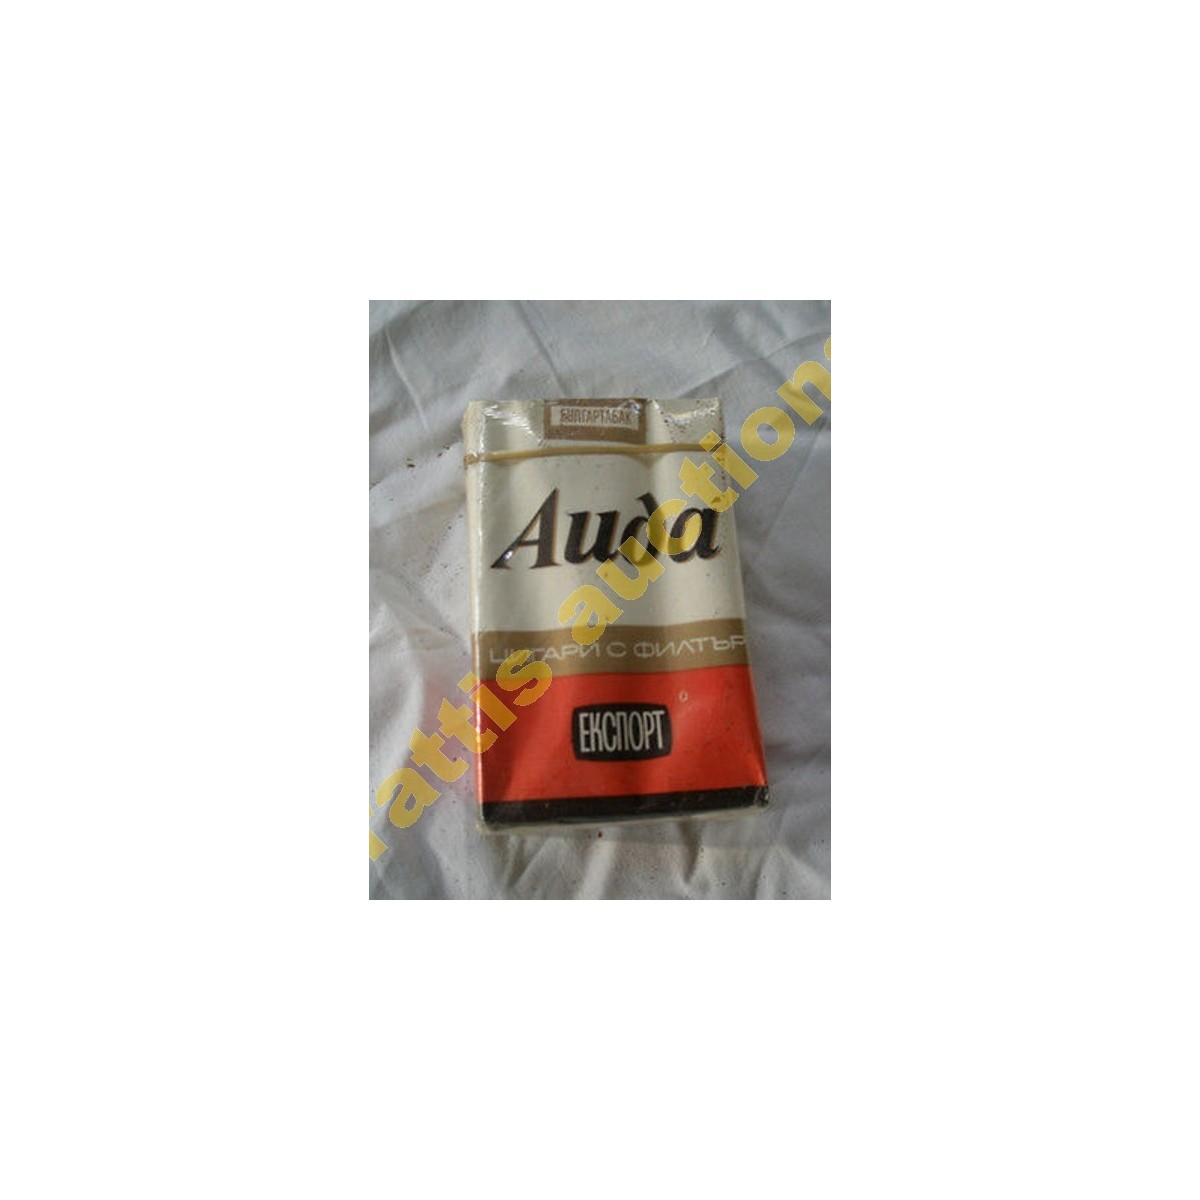 Χάρτινο πακέτο των 20 τσιγάρων AIDA Export, Βουλγαρία.